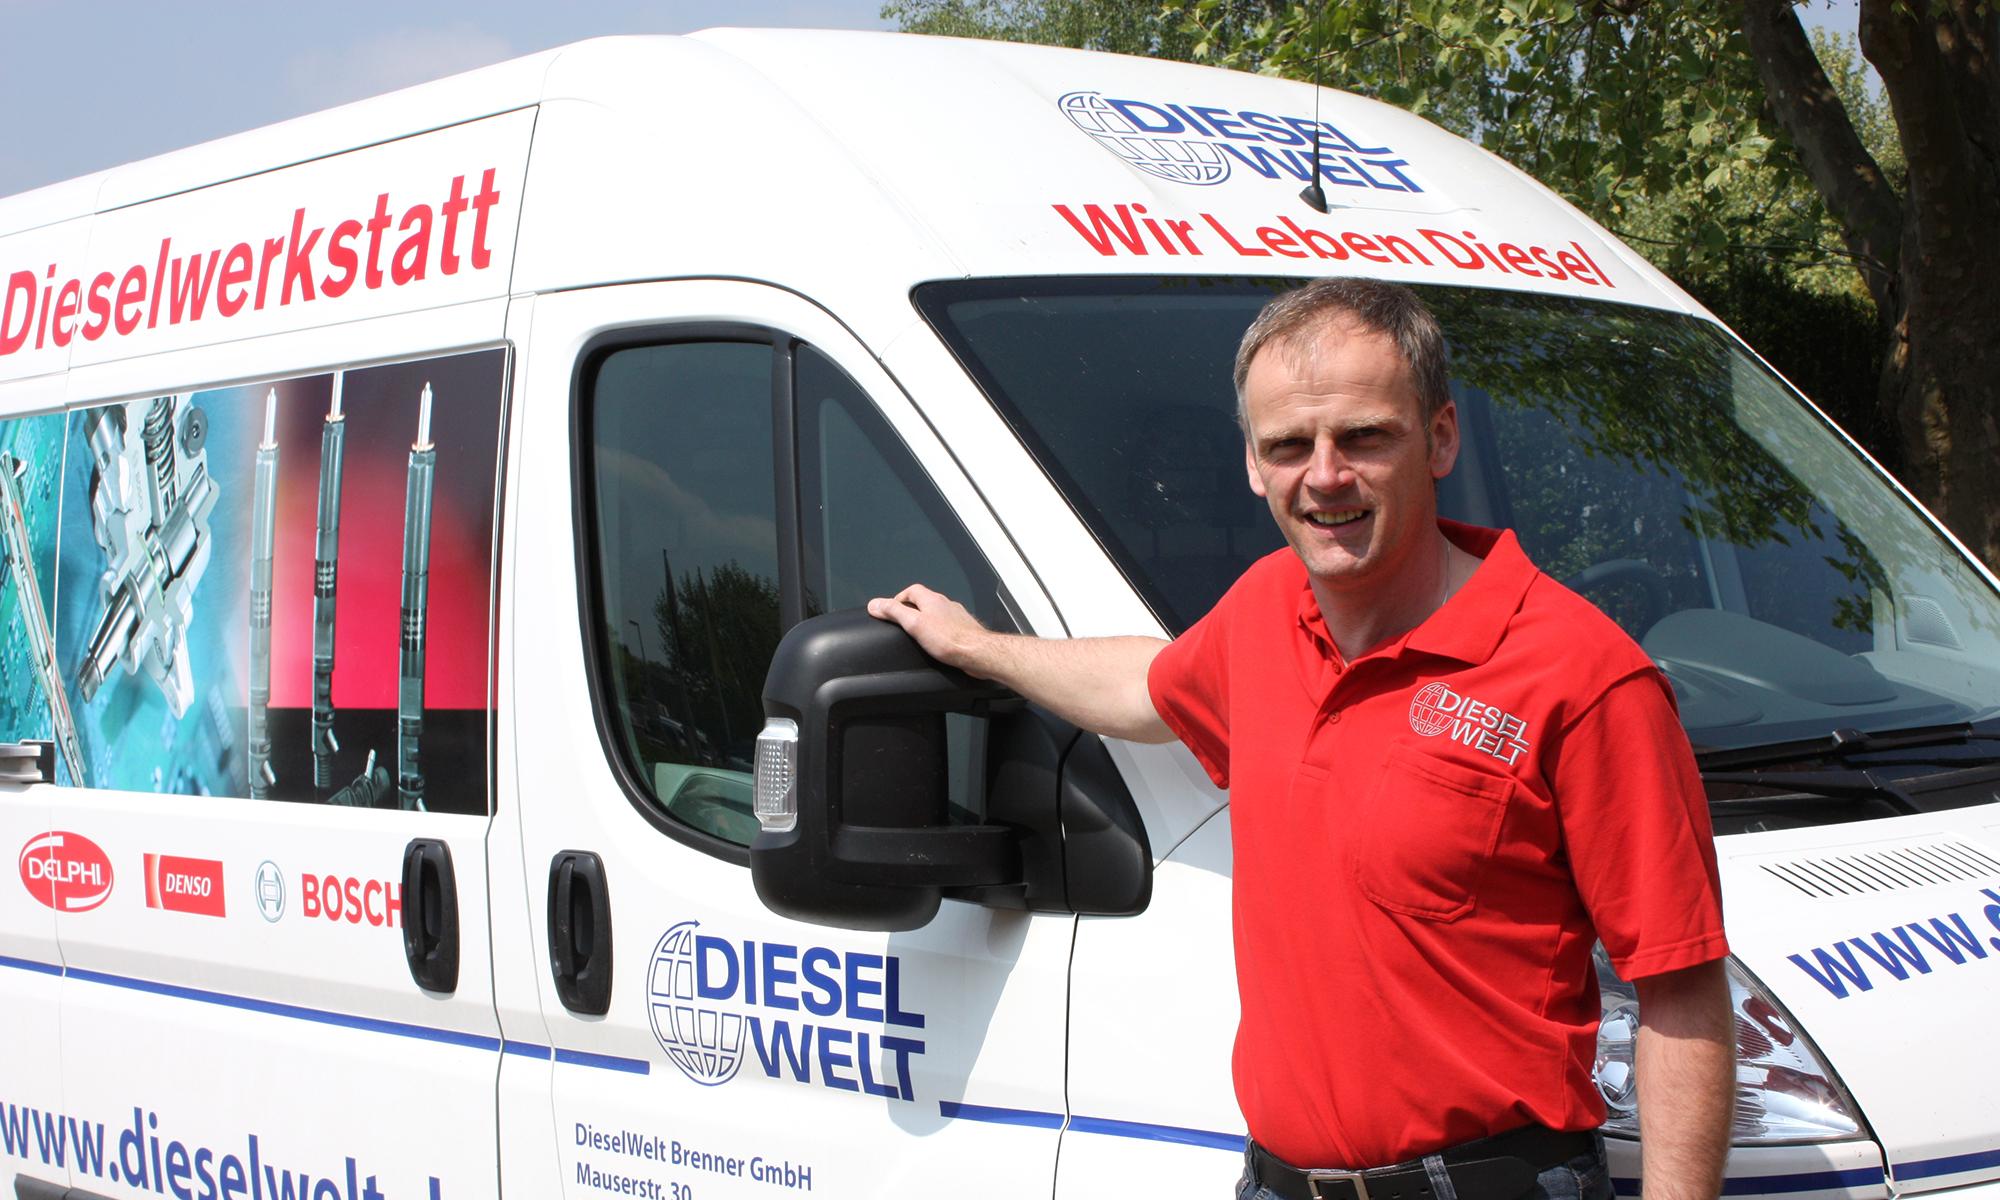 DieselWelt